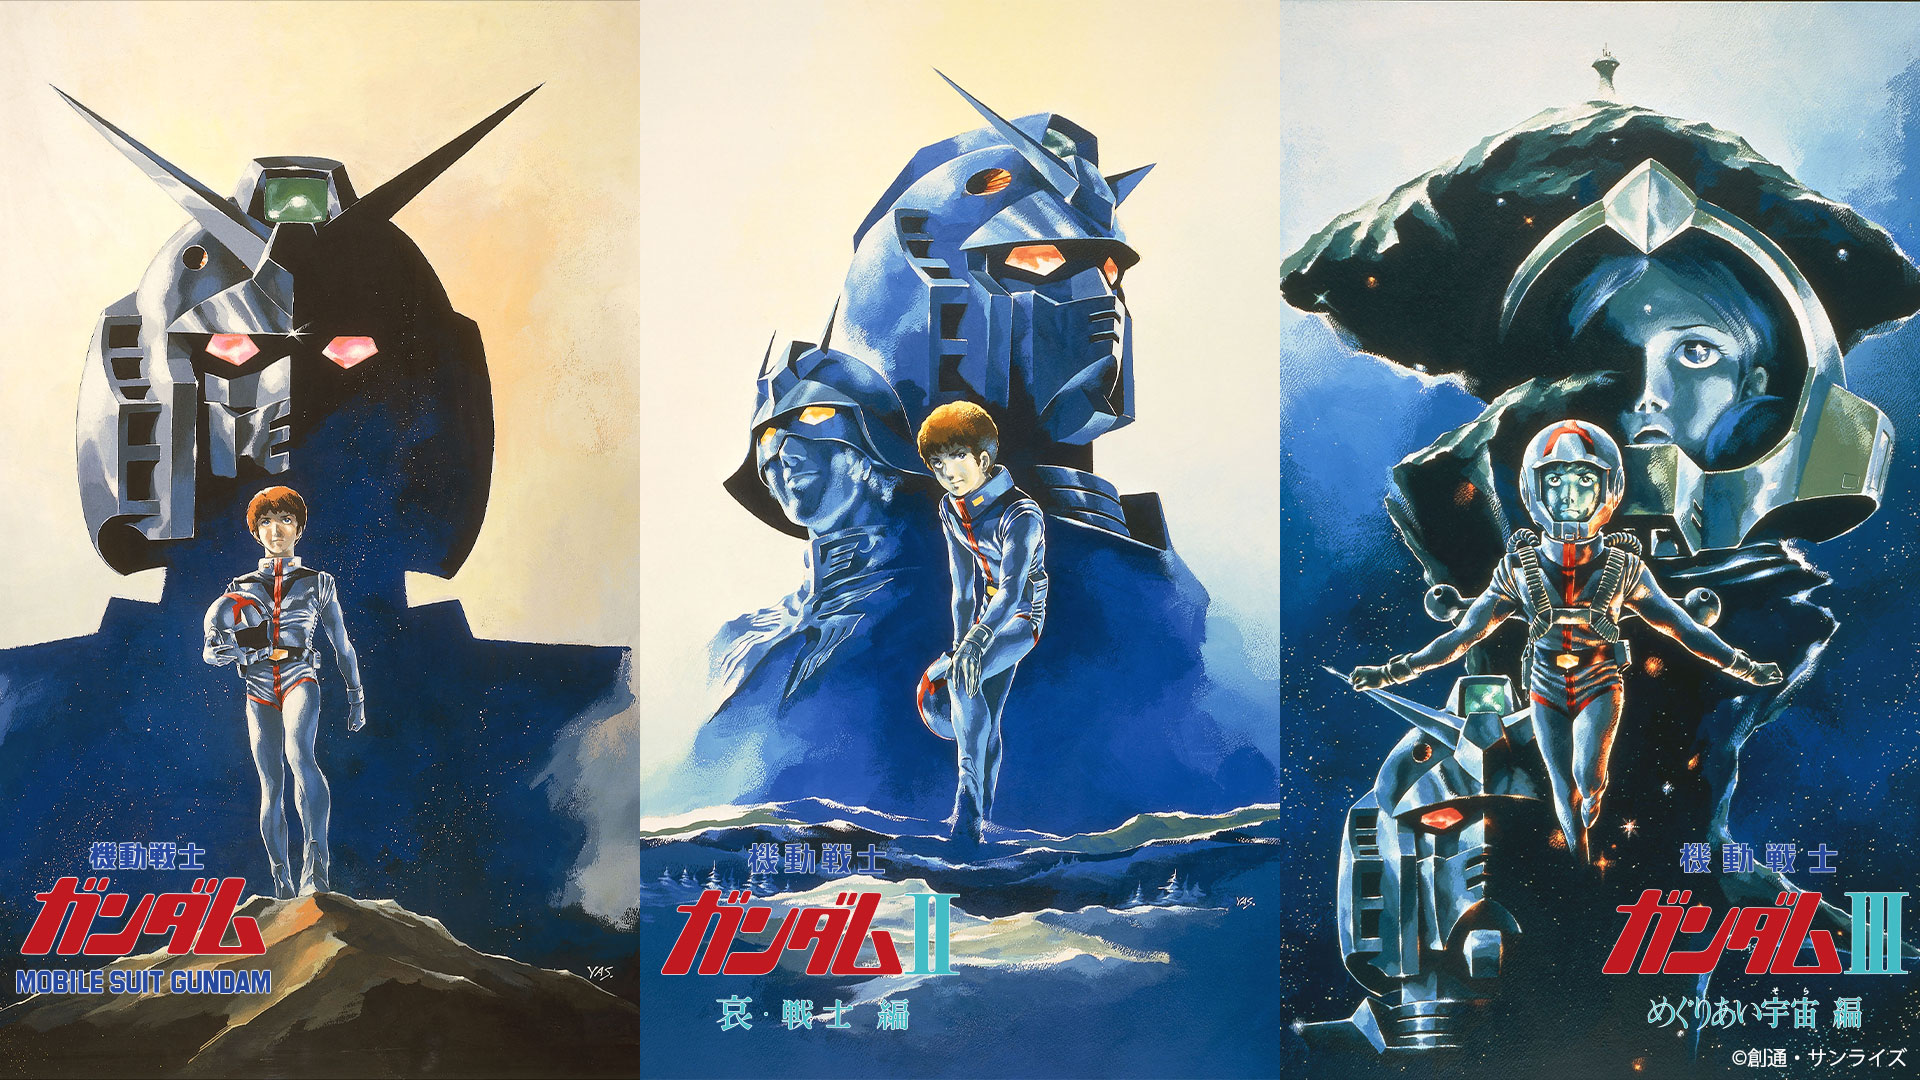 ガンプラ40周年記念特別番組 劇場版 機動戦士ガンダム 3部作